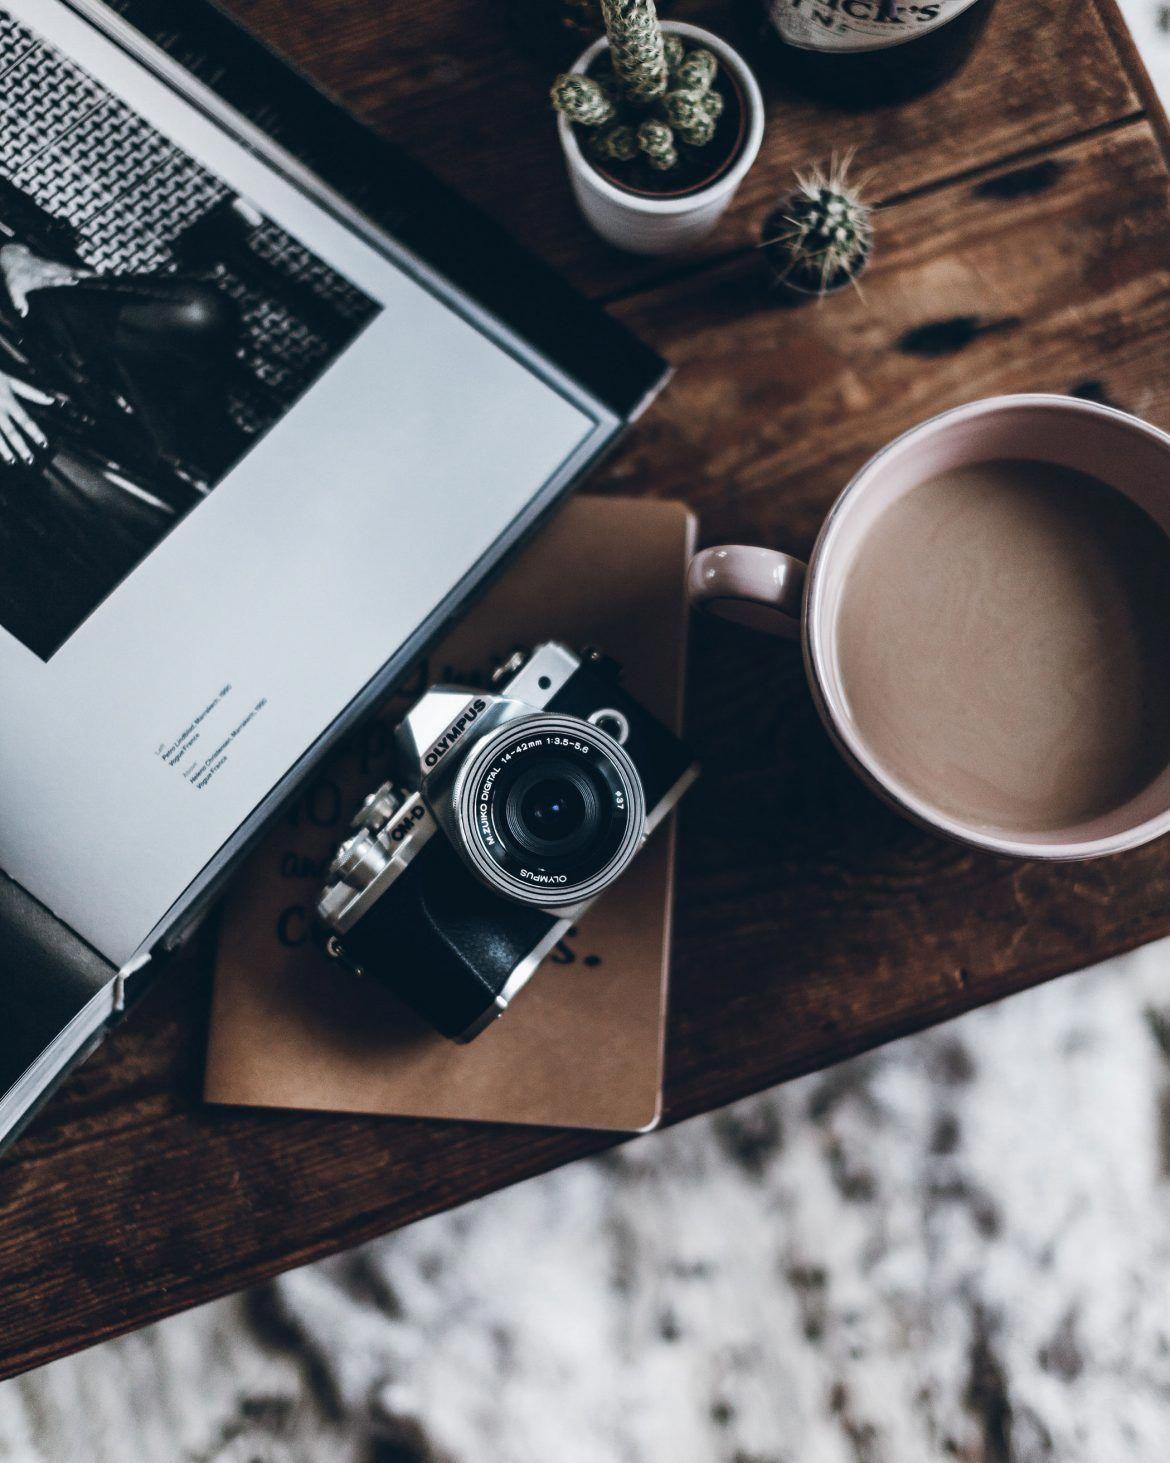 camera equipment,camera gear,camera hacks,camera ideas,camera lens #cameraideas